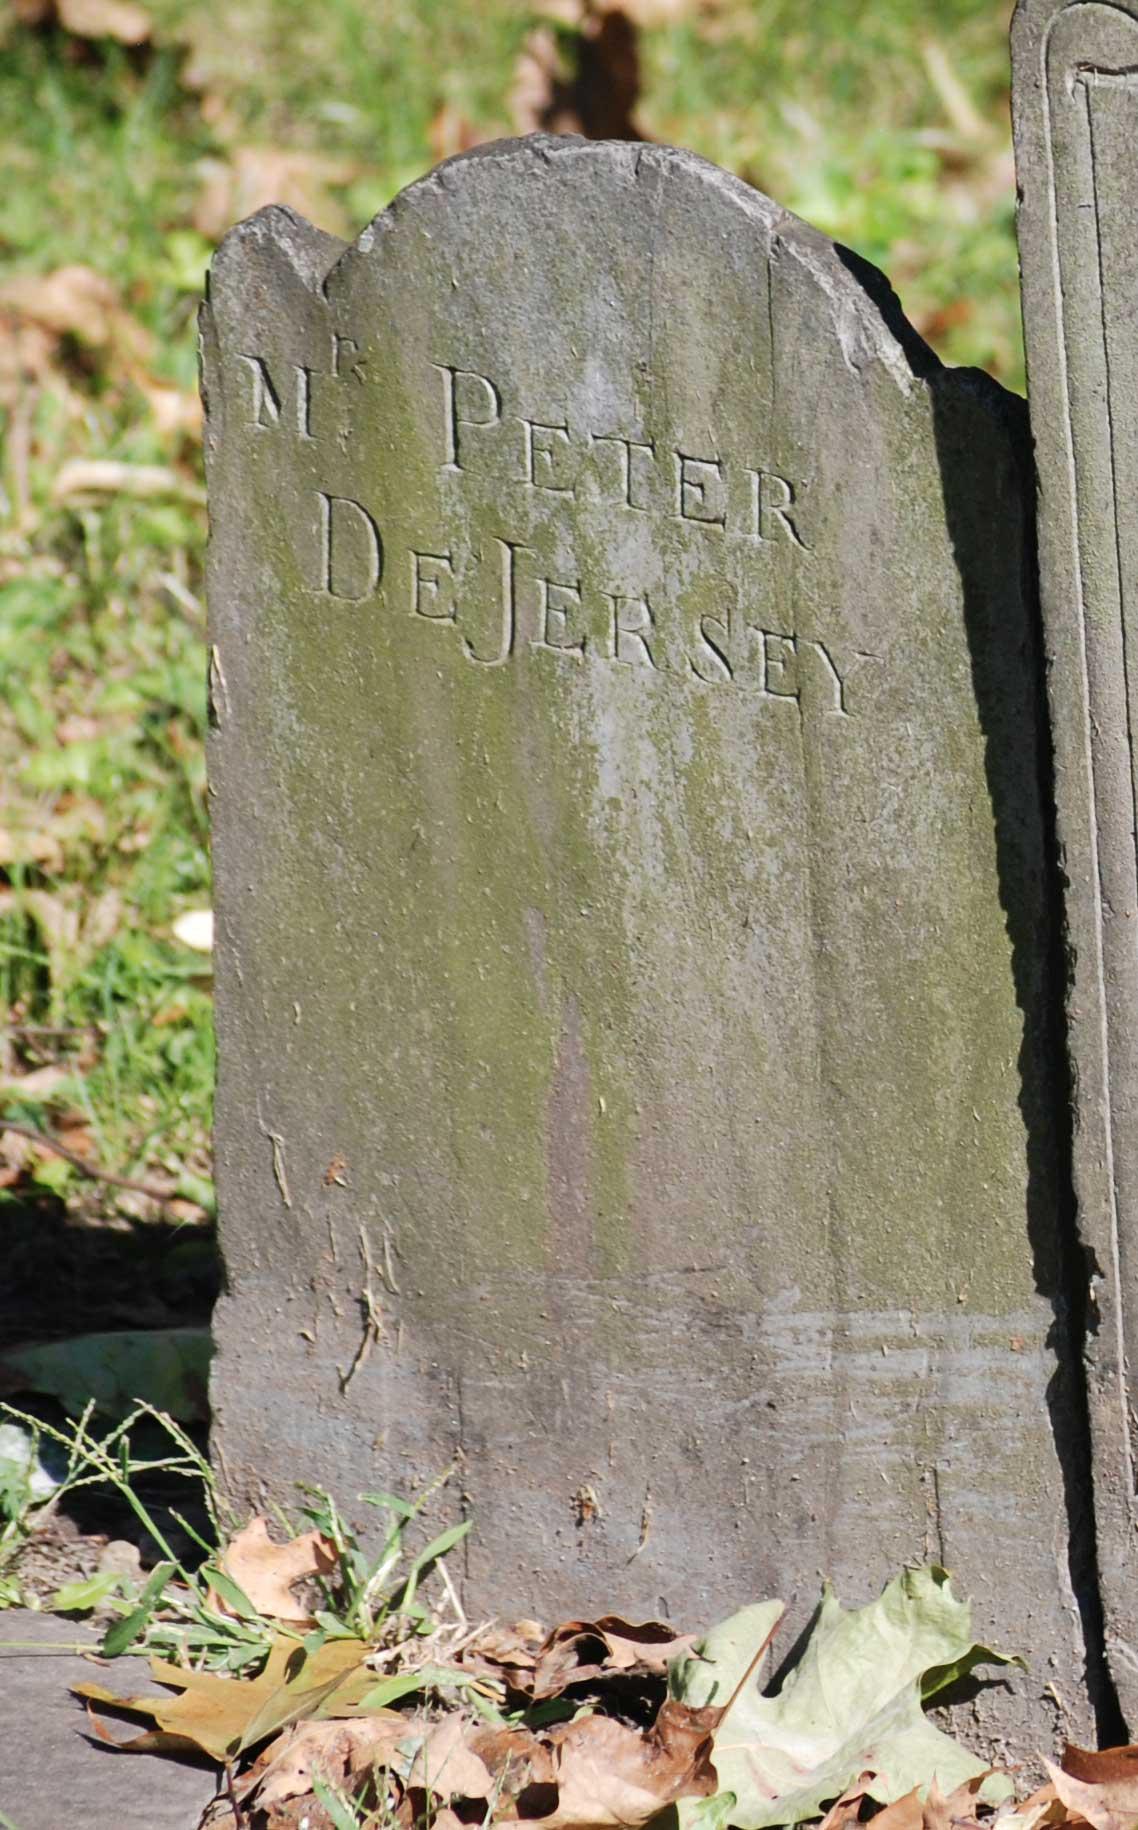 Peter De Jersey